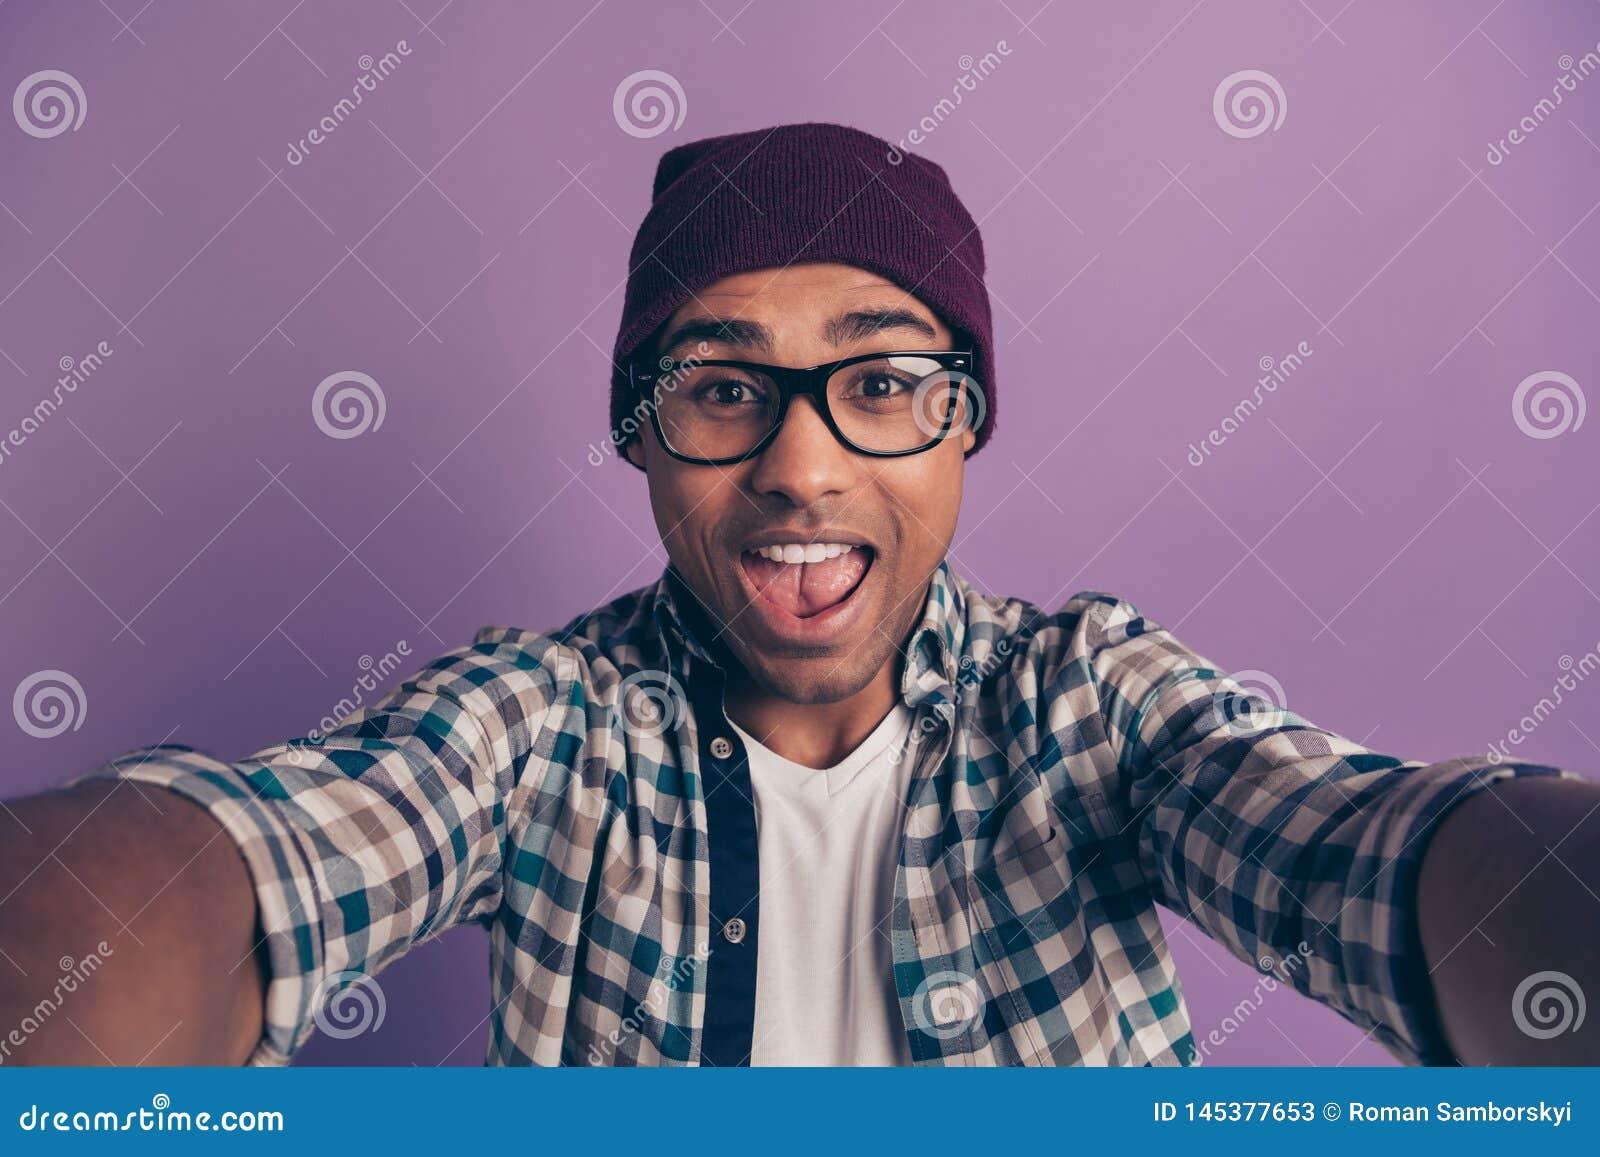 Het portret van de close-upfoto van vrolijk onbezorgd gek studenten millennial makend nemend beeld isoleerde violette achtergrond